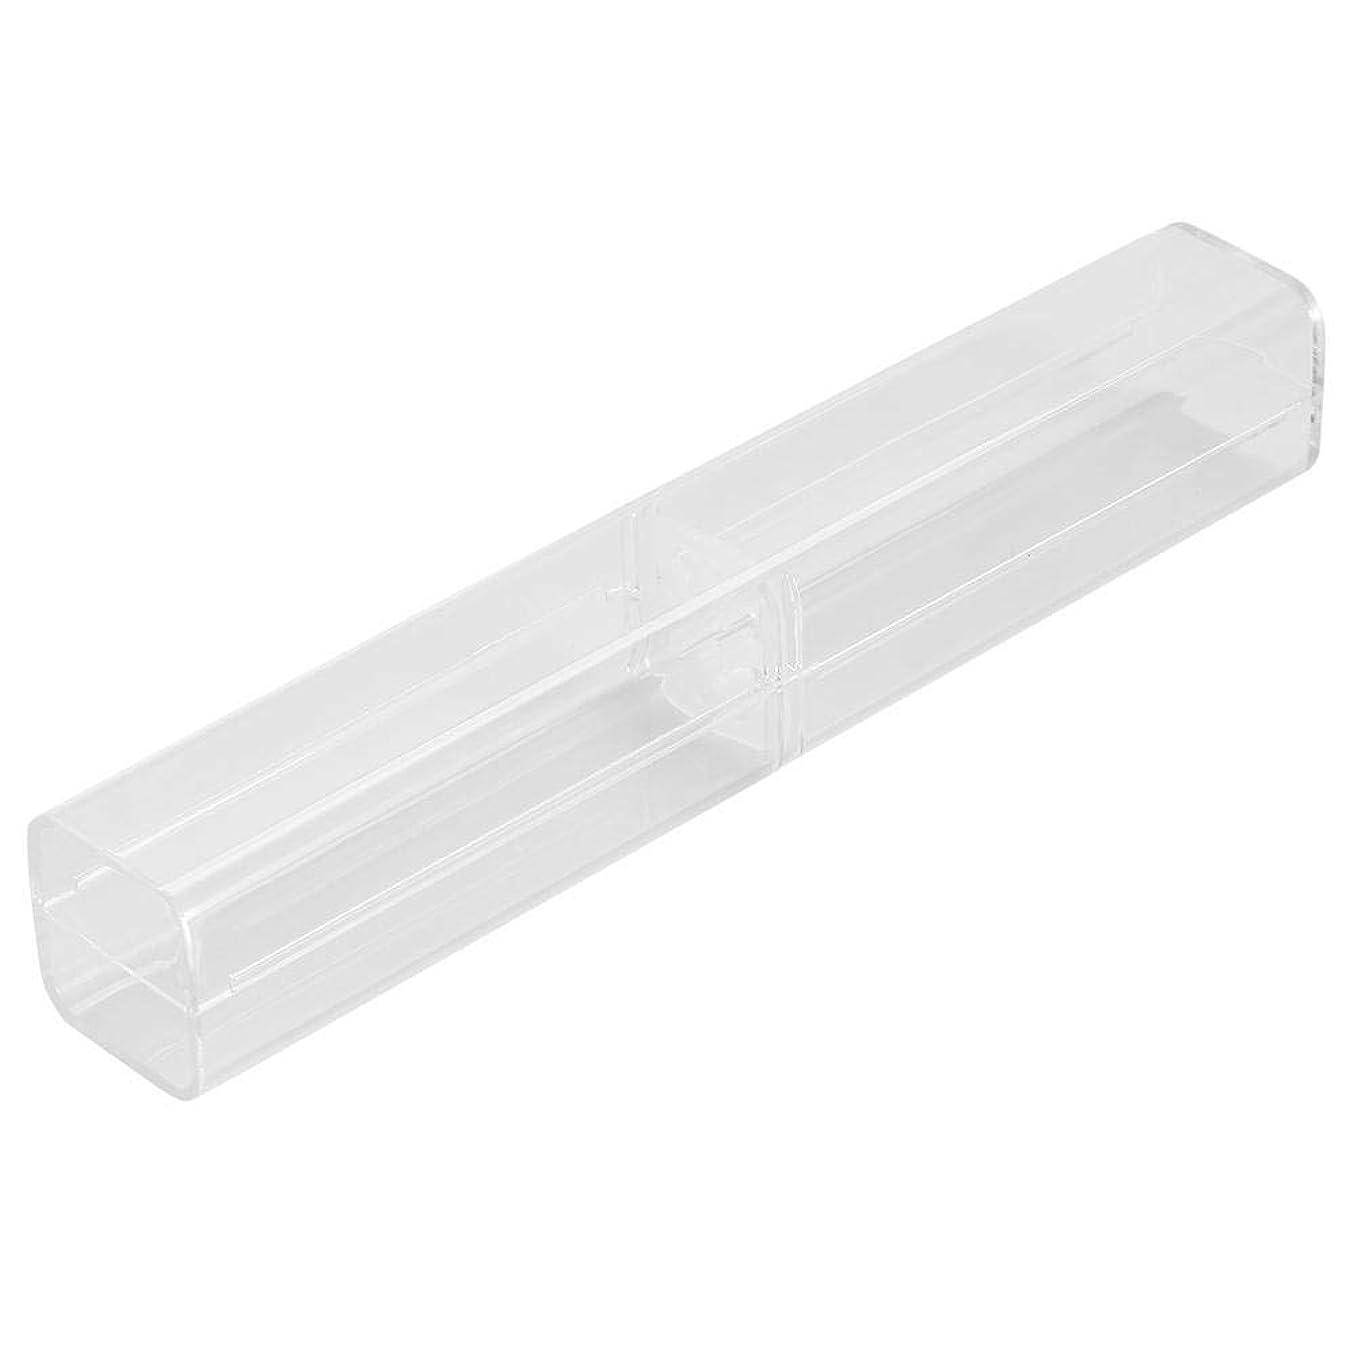 かりて合金返還1ピース収納ボックス - 手動ペン眉毛タトゥークリアケース透明収納ボックス、収納ボックス - タトゥーコンテナ